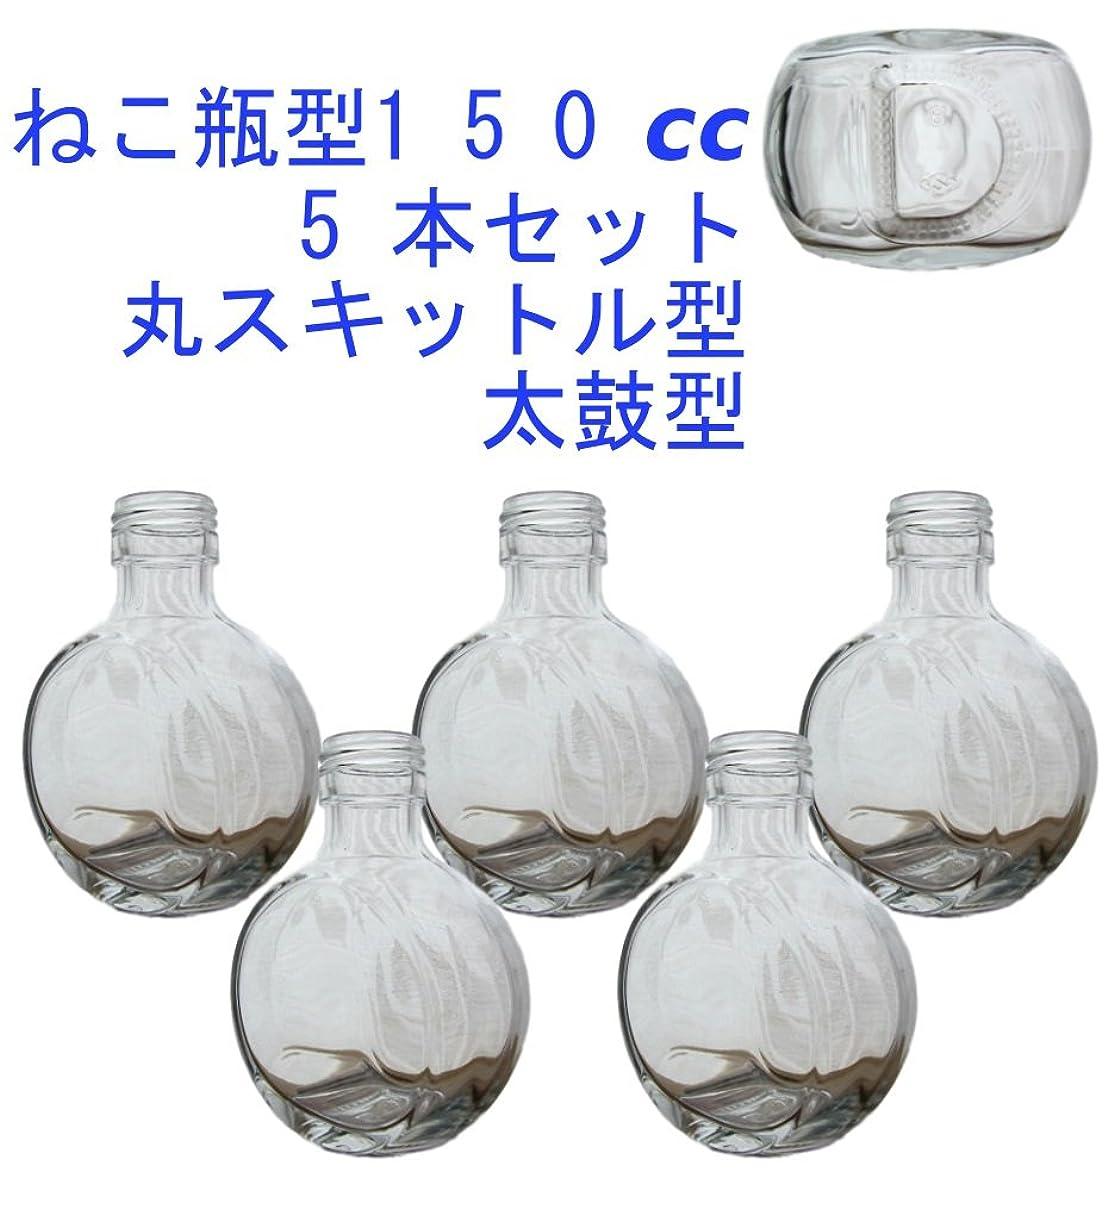 奨励しますそれから米ドル(ジャストユーズ)JustU's 日本製 キャップ?中栓付きガラス瓶 ねこ瓶 丸スキットル 丸瓶 5本セット 150cc 150ml アロマデュフューザー ハーバリウム 調味料 オイル タレ ドレッシング瓶 ポリ栓付き B5-SSW150A-A